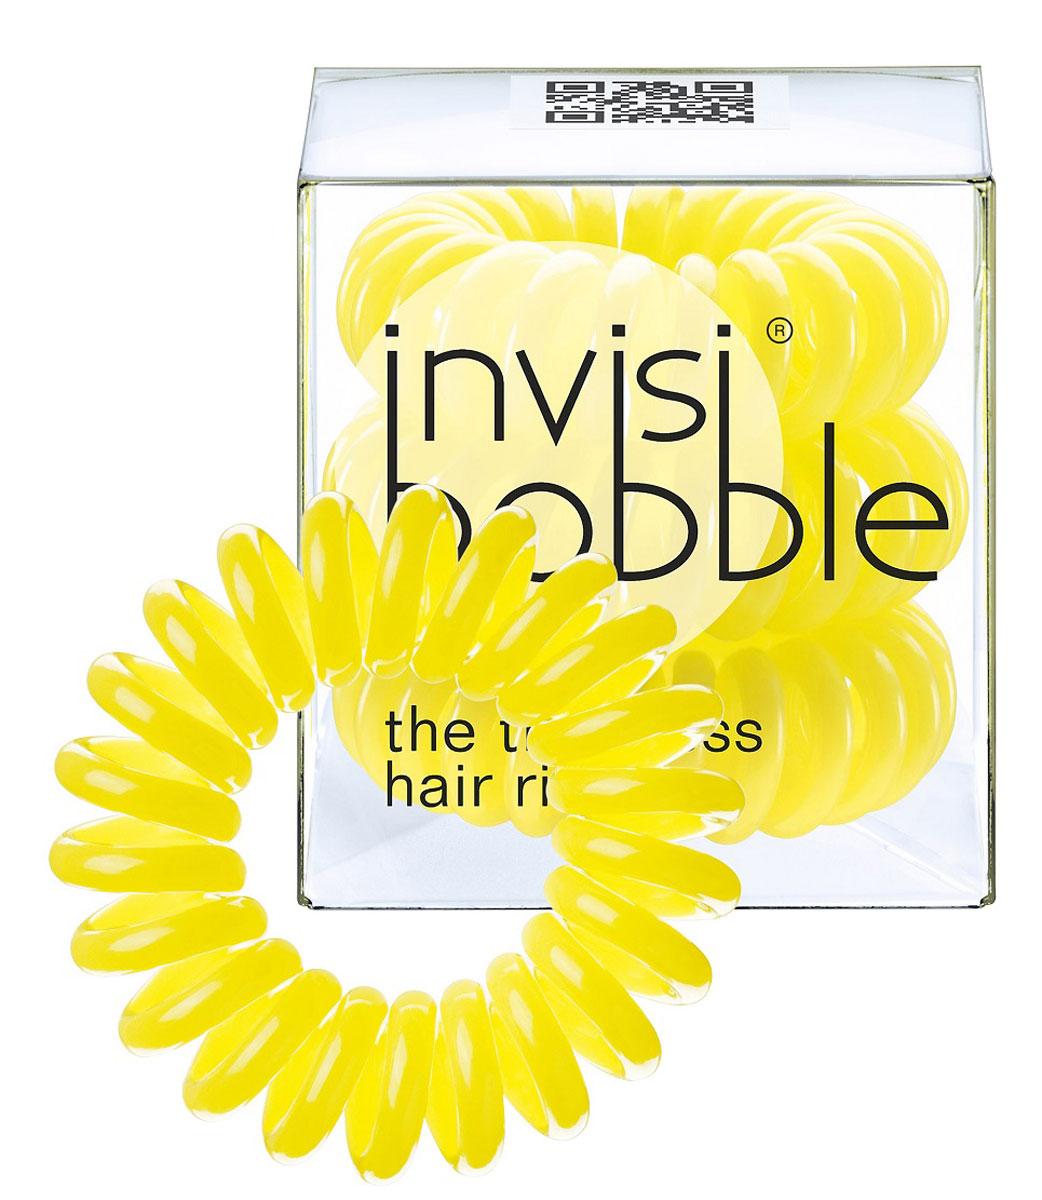 Invisibobble Резинка-браслет для волос Submarine Yellow, 3 шт3005Столь необычная форма браслетов-резинок Invisibobble дает множество преимуществ. Резинка не оставляет заломов на волосах. При длительном ношении, например целый день, снимая резинку вы не почувствуете усталость волос. Оригинально смотрится на волосах. Отлично сохраняет свою форму и надежно фиксирует прическу. Не мокнет. Не травмируют волосы, в отличии от обычных резинок, нет трения, зажимов отдельных волосков или прядей. Подходят как для любого типа волос, так и не имеют ограничений по возрасту. Вам понравятся яркие цвета, а так же их можно использовать как стильные браслеты. Товар сертифицирован.